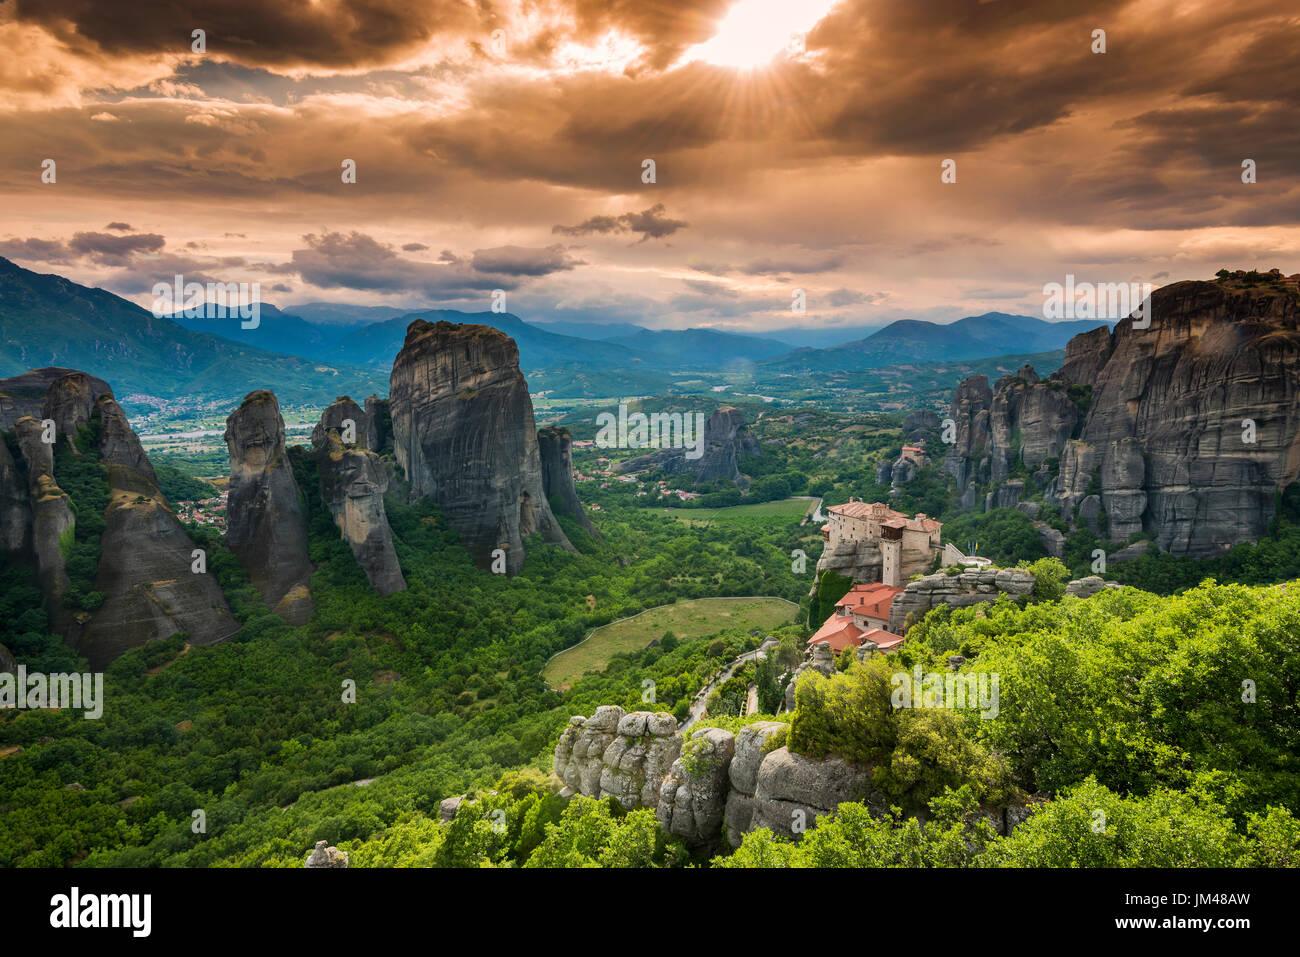 Blick auf den Sonnenuntergang über Kloster Moni Agias Varvaras Roussanou und die spektakuläre massive felsigen Spitzen von Meteora, Thessalien, Griechenland Stockbild